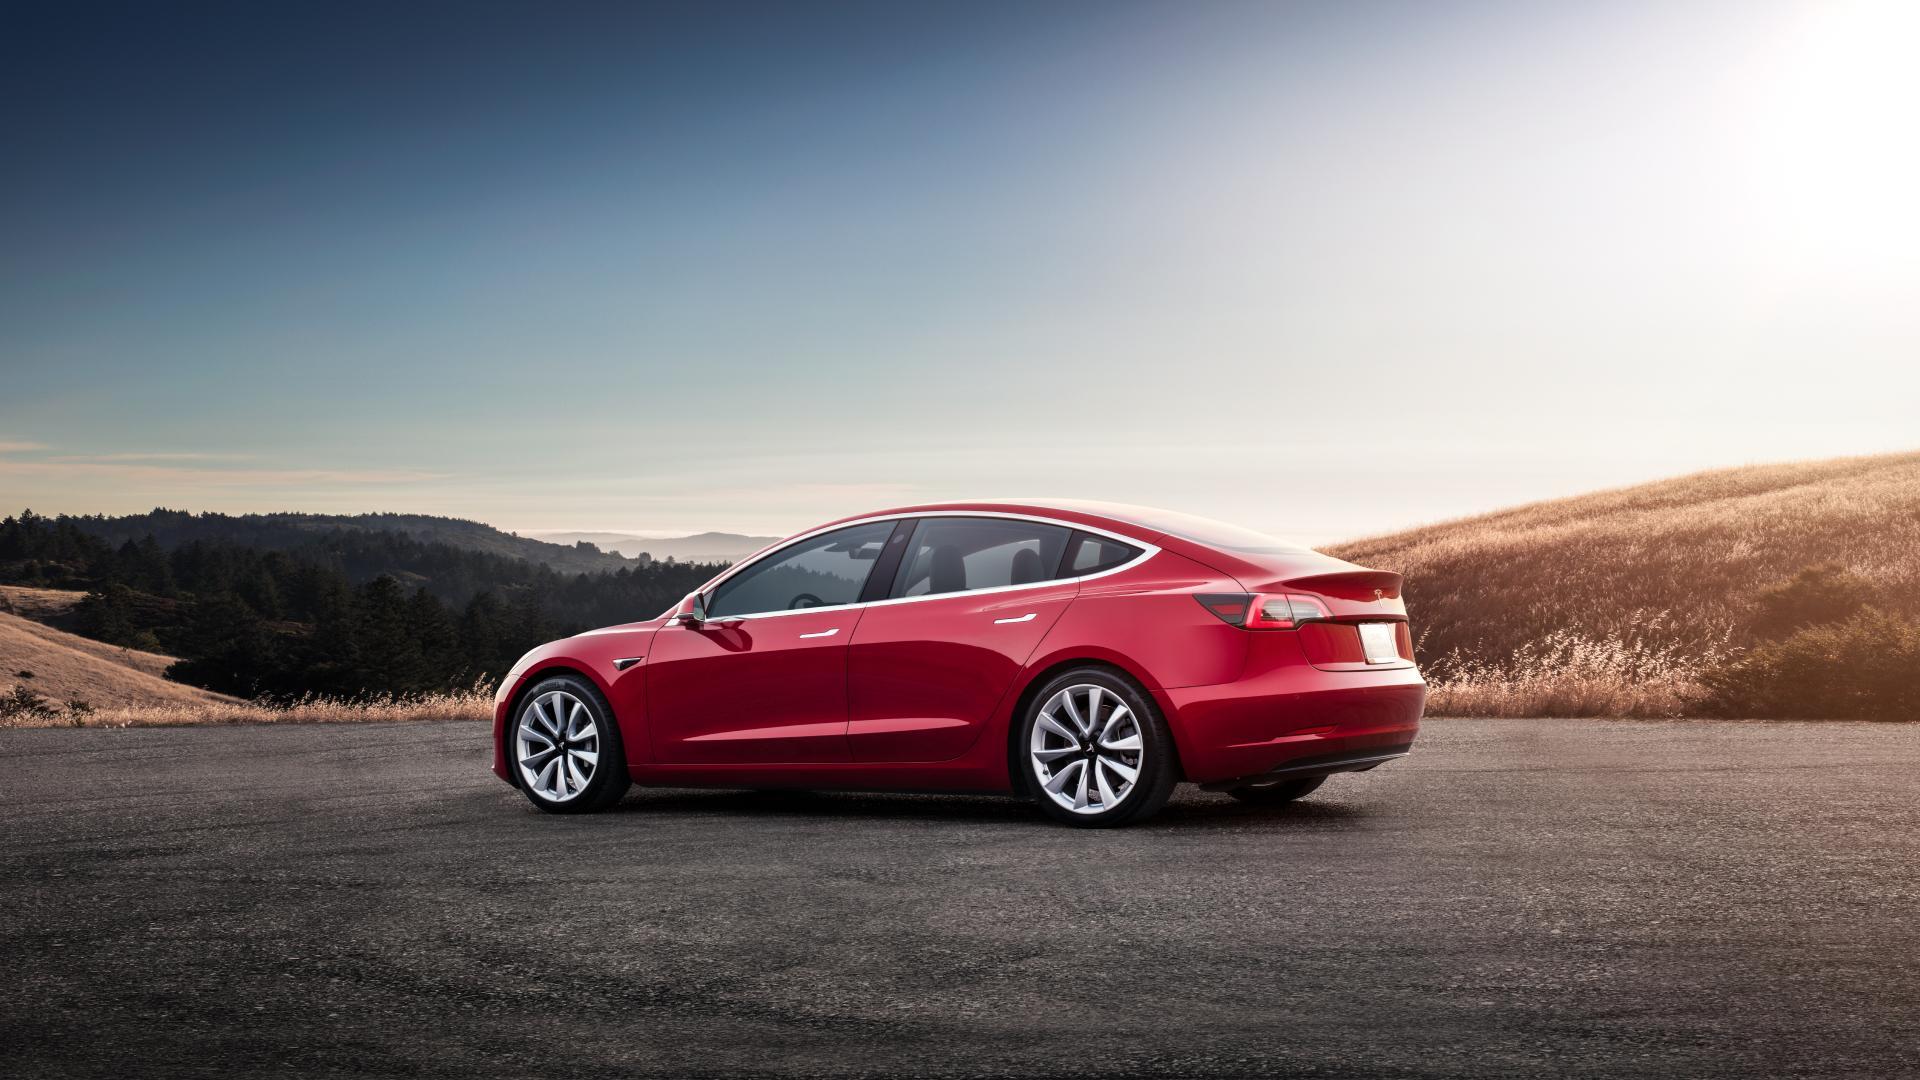 Novi avtomobili in trendi v 2018